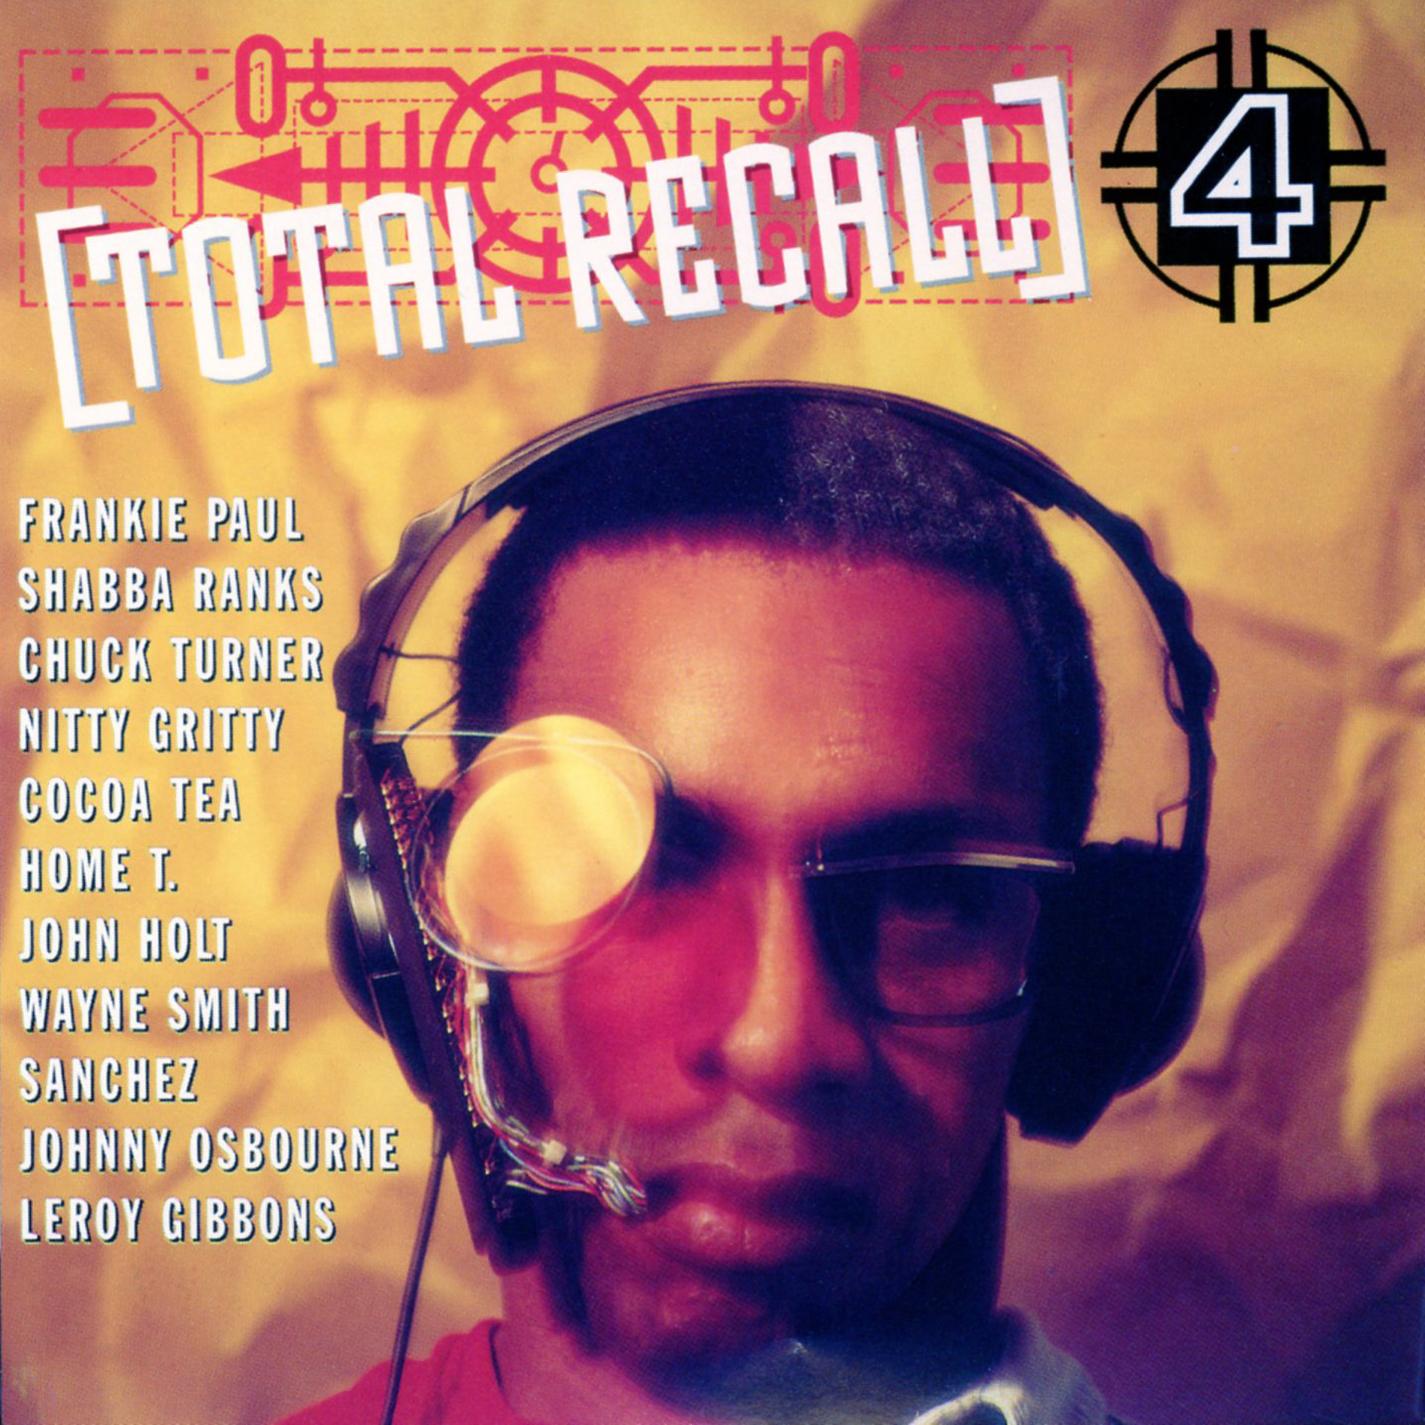 Total Recall Vol. 4